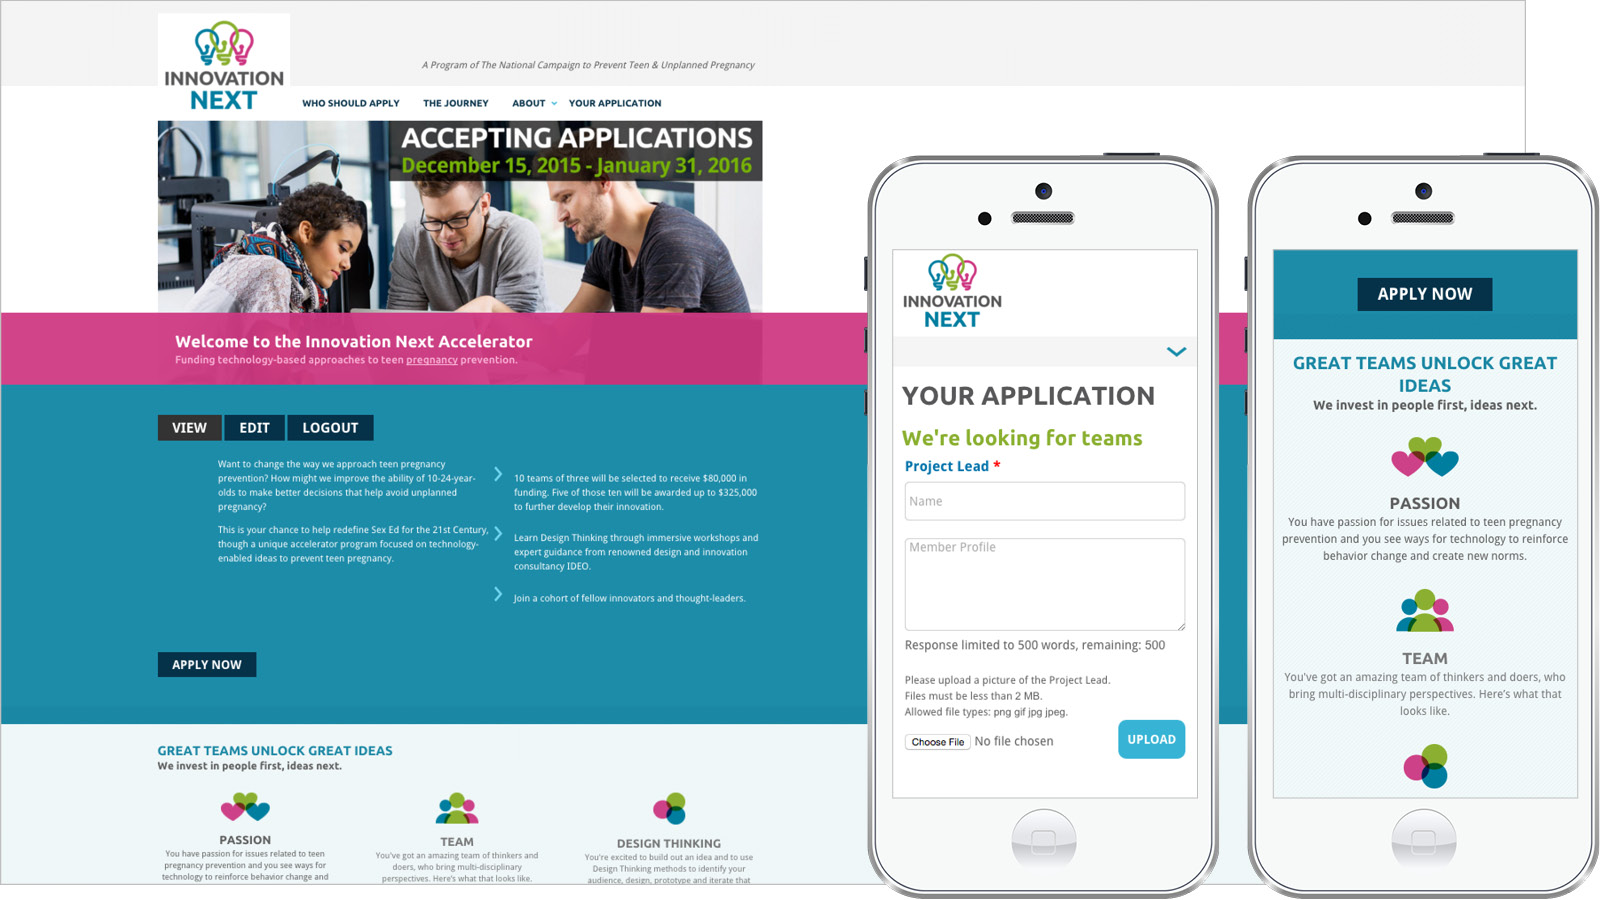 Innovation Next application design